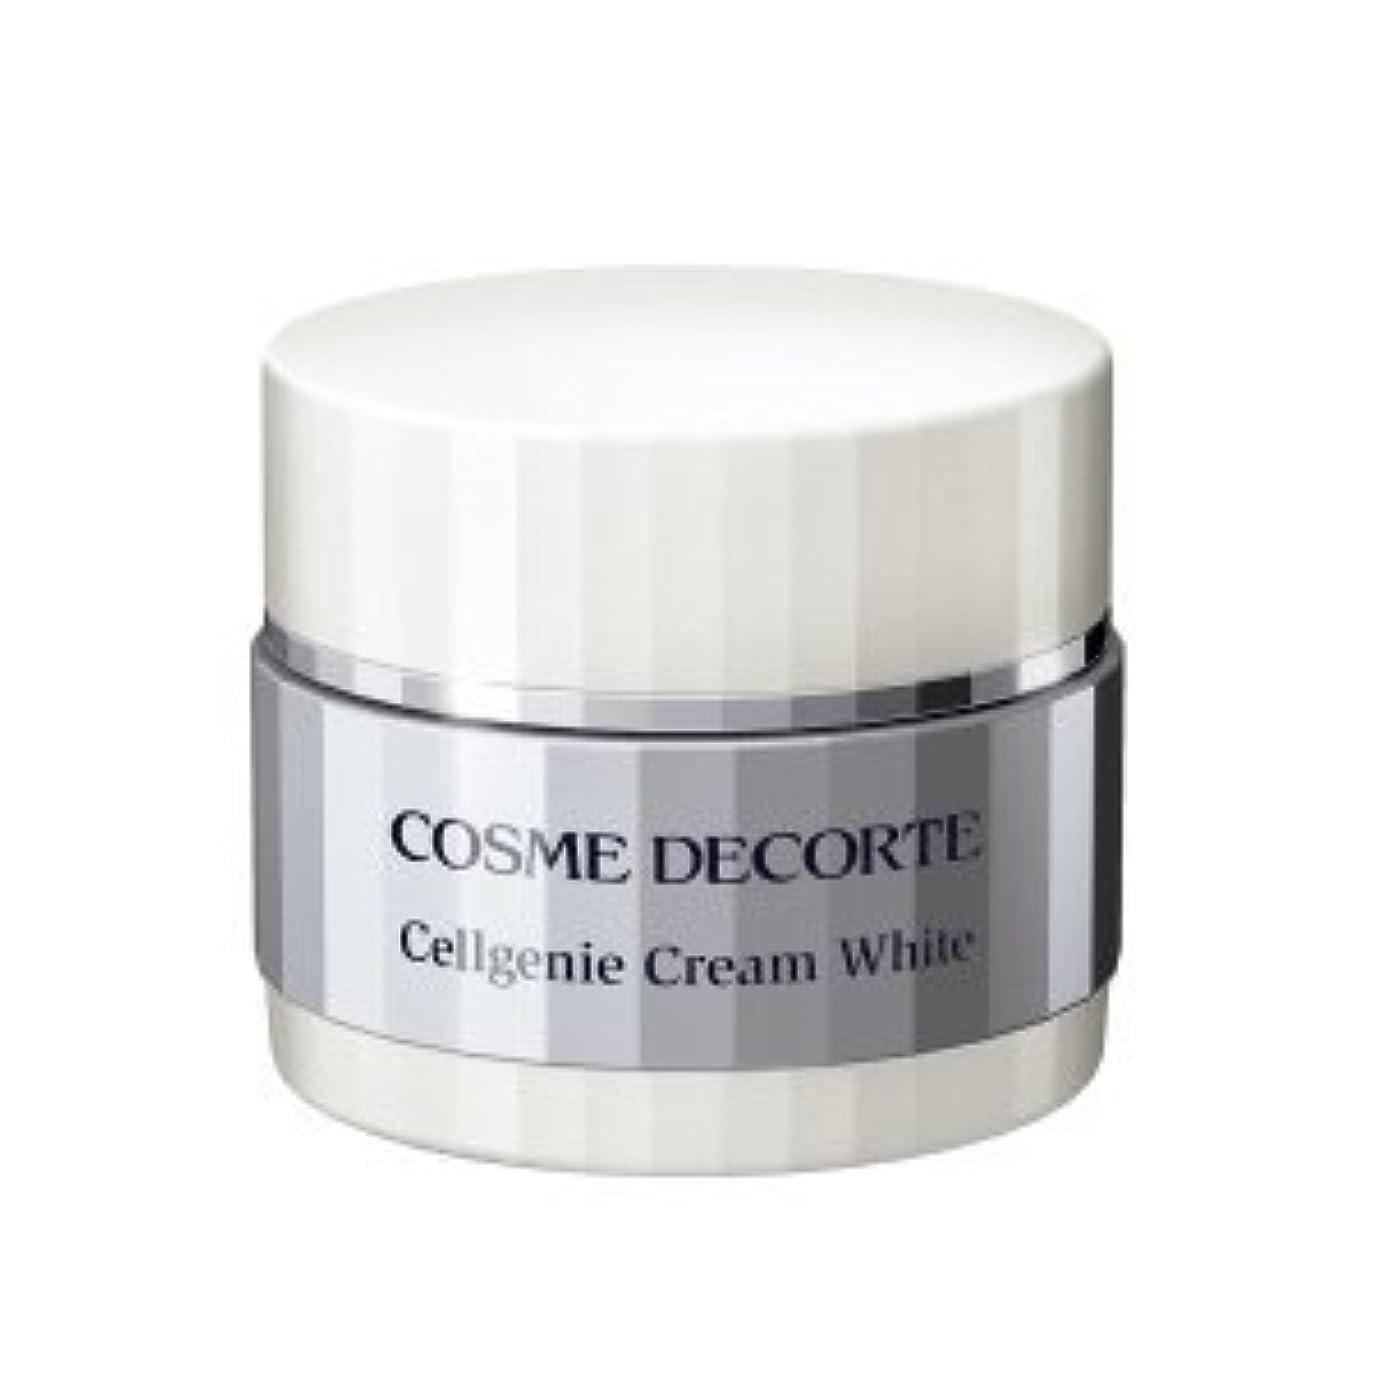 フォーク体コスメ デコルテ(COSME DECORTE) セルジェニー クリーム ホワイト 30g[並行輸入品]